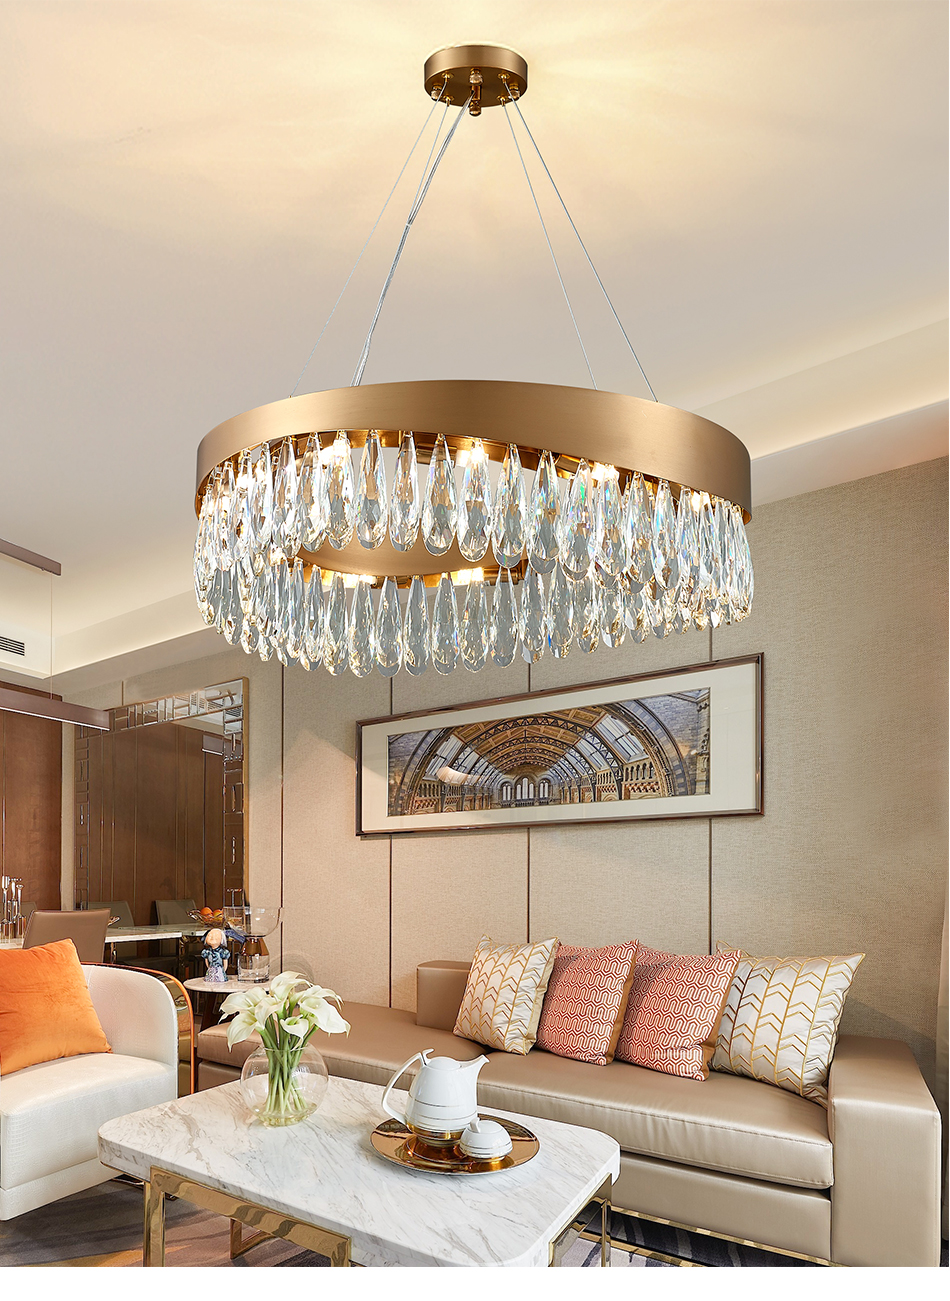 Baru Lampu Gantung Modern Untuk Ruang Tamu Mewah Kamar Tidur Bulat Gold Lampu Kristal Stainless Steel Led Lampu Gantung Perlengkapan Chandelier Aliexpress